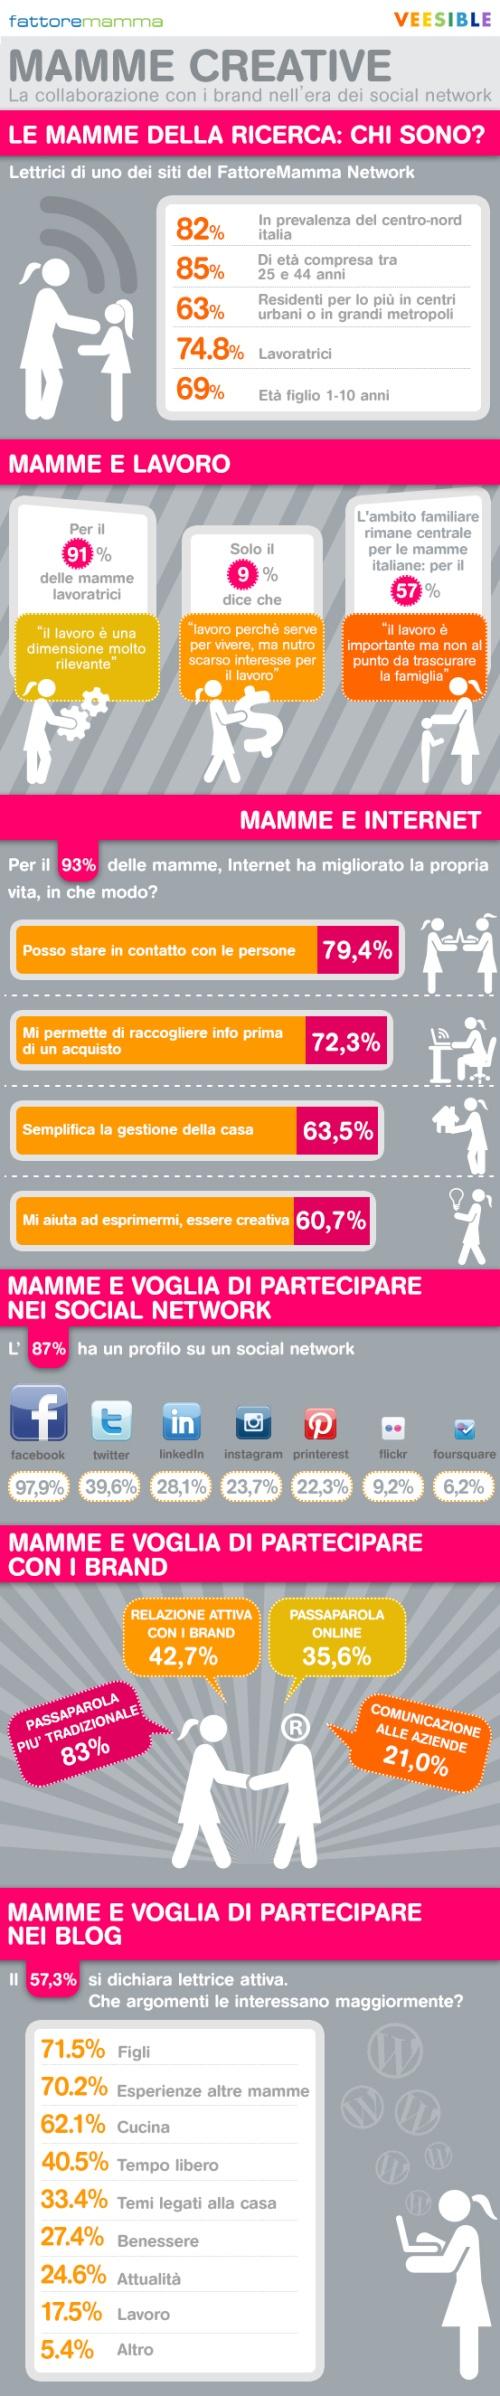 Le mamme italiane e la loro interazione con i Social Media!